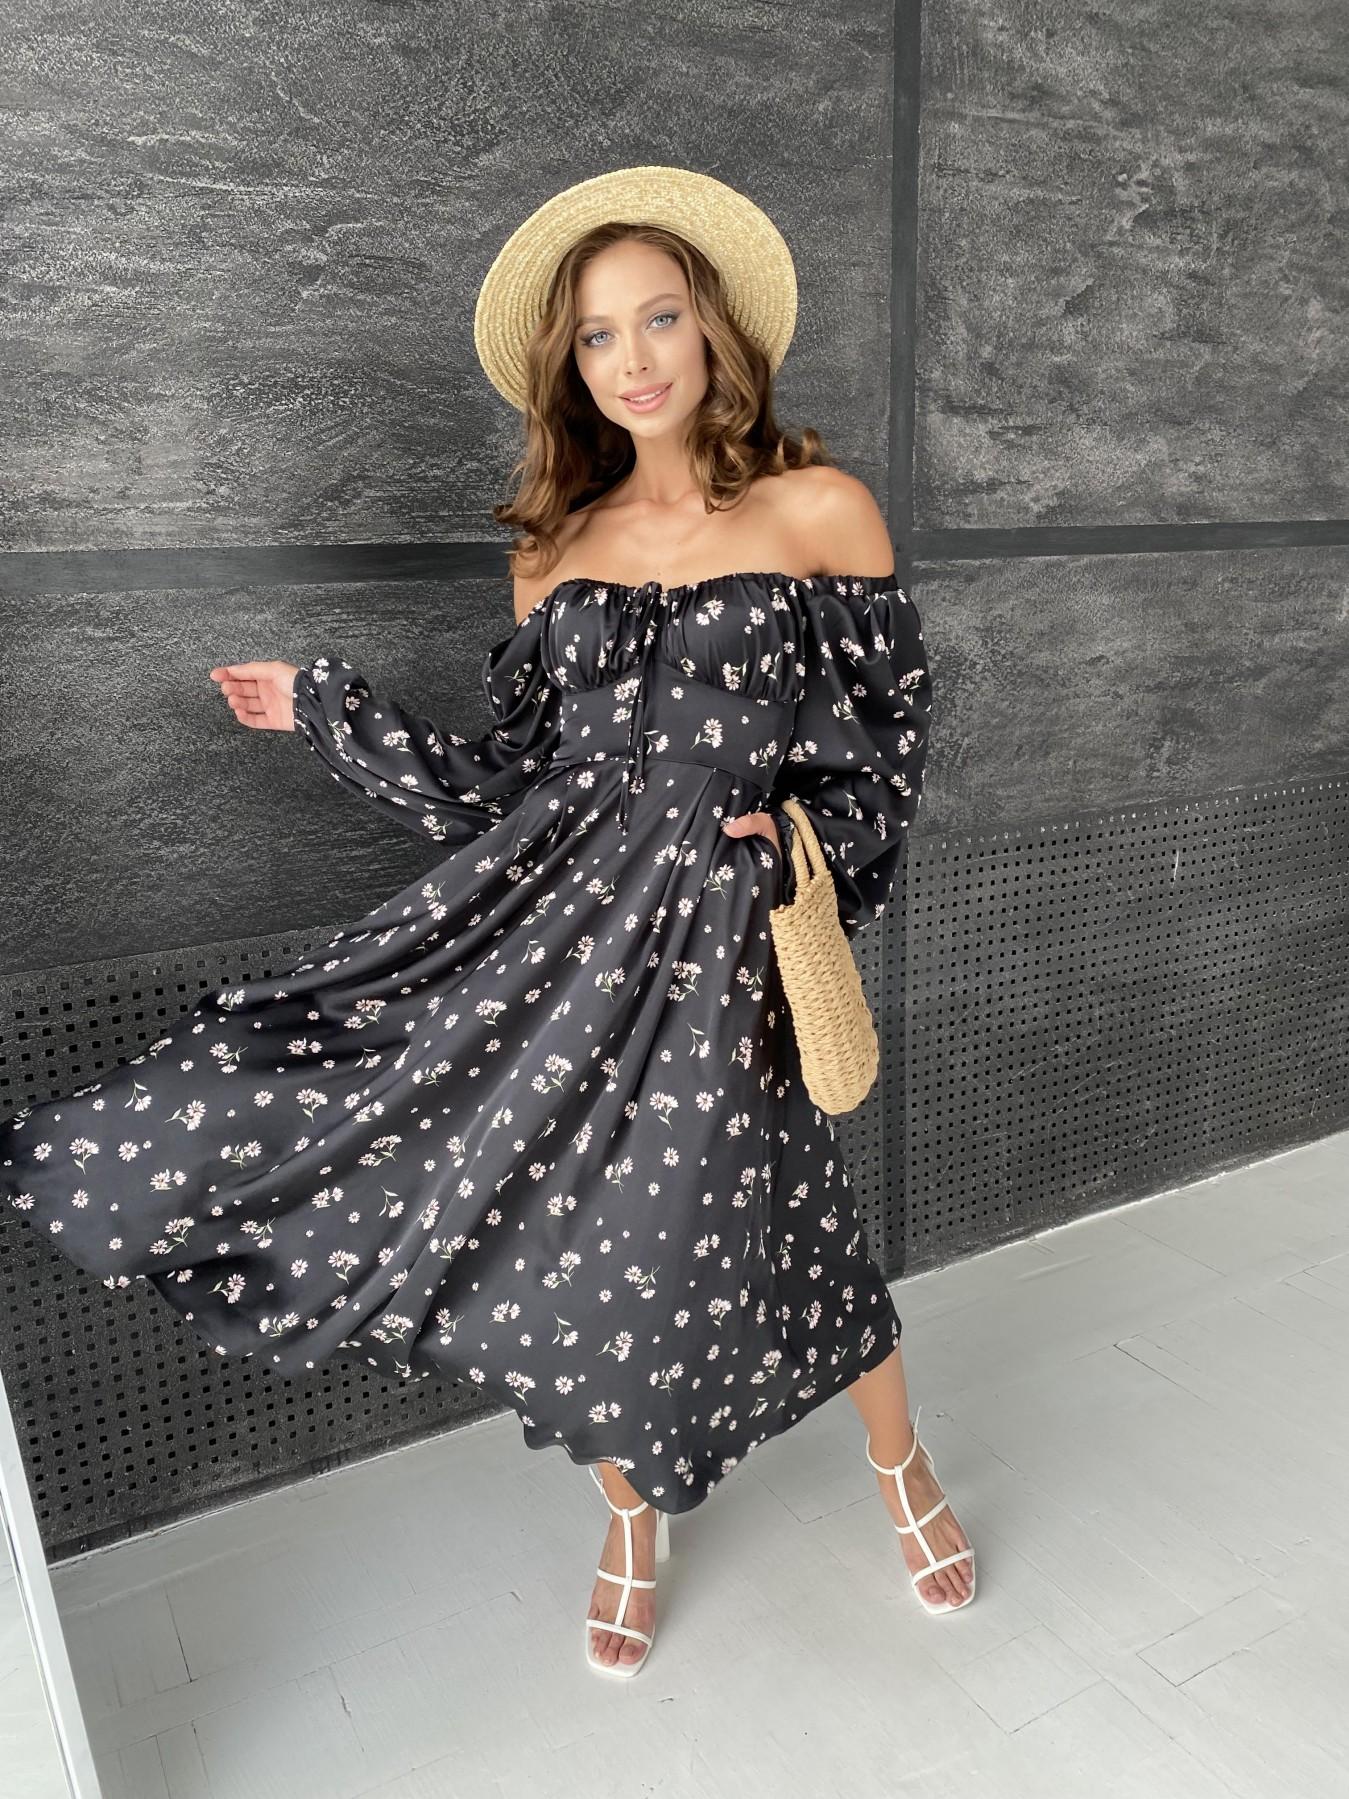 Кисес платье миди д/р шелк принт 11722 АРТ. 48418 Цвет: Черный/пудра/хризантема - фото 5, интернет магазин tm-modus.ru